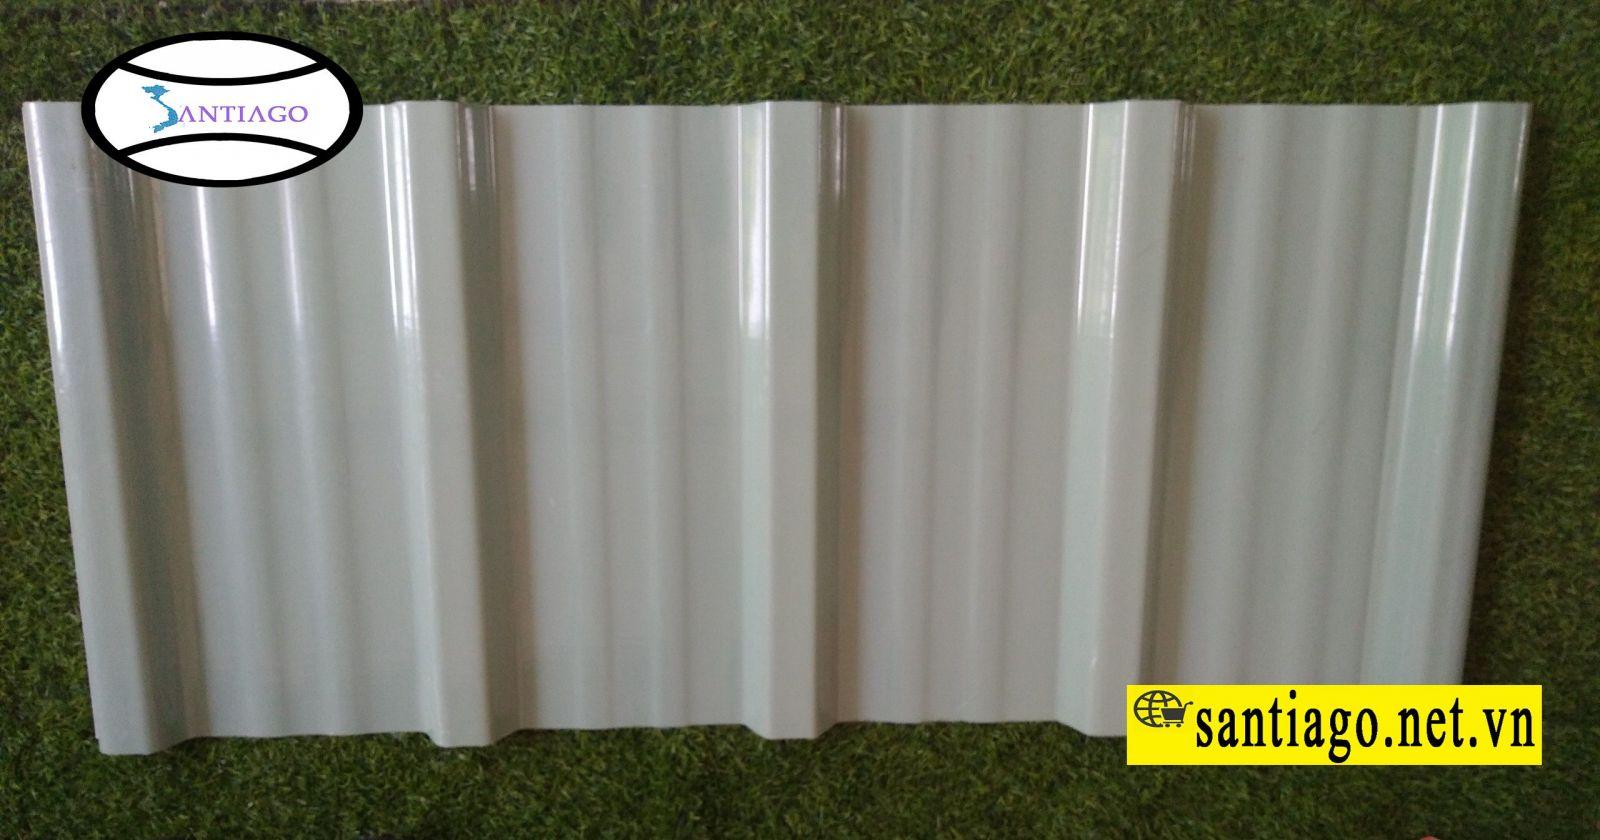 tôn nhựa 5 sóng màu xanh ngọc trắng sữa